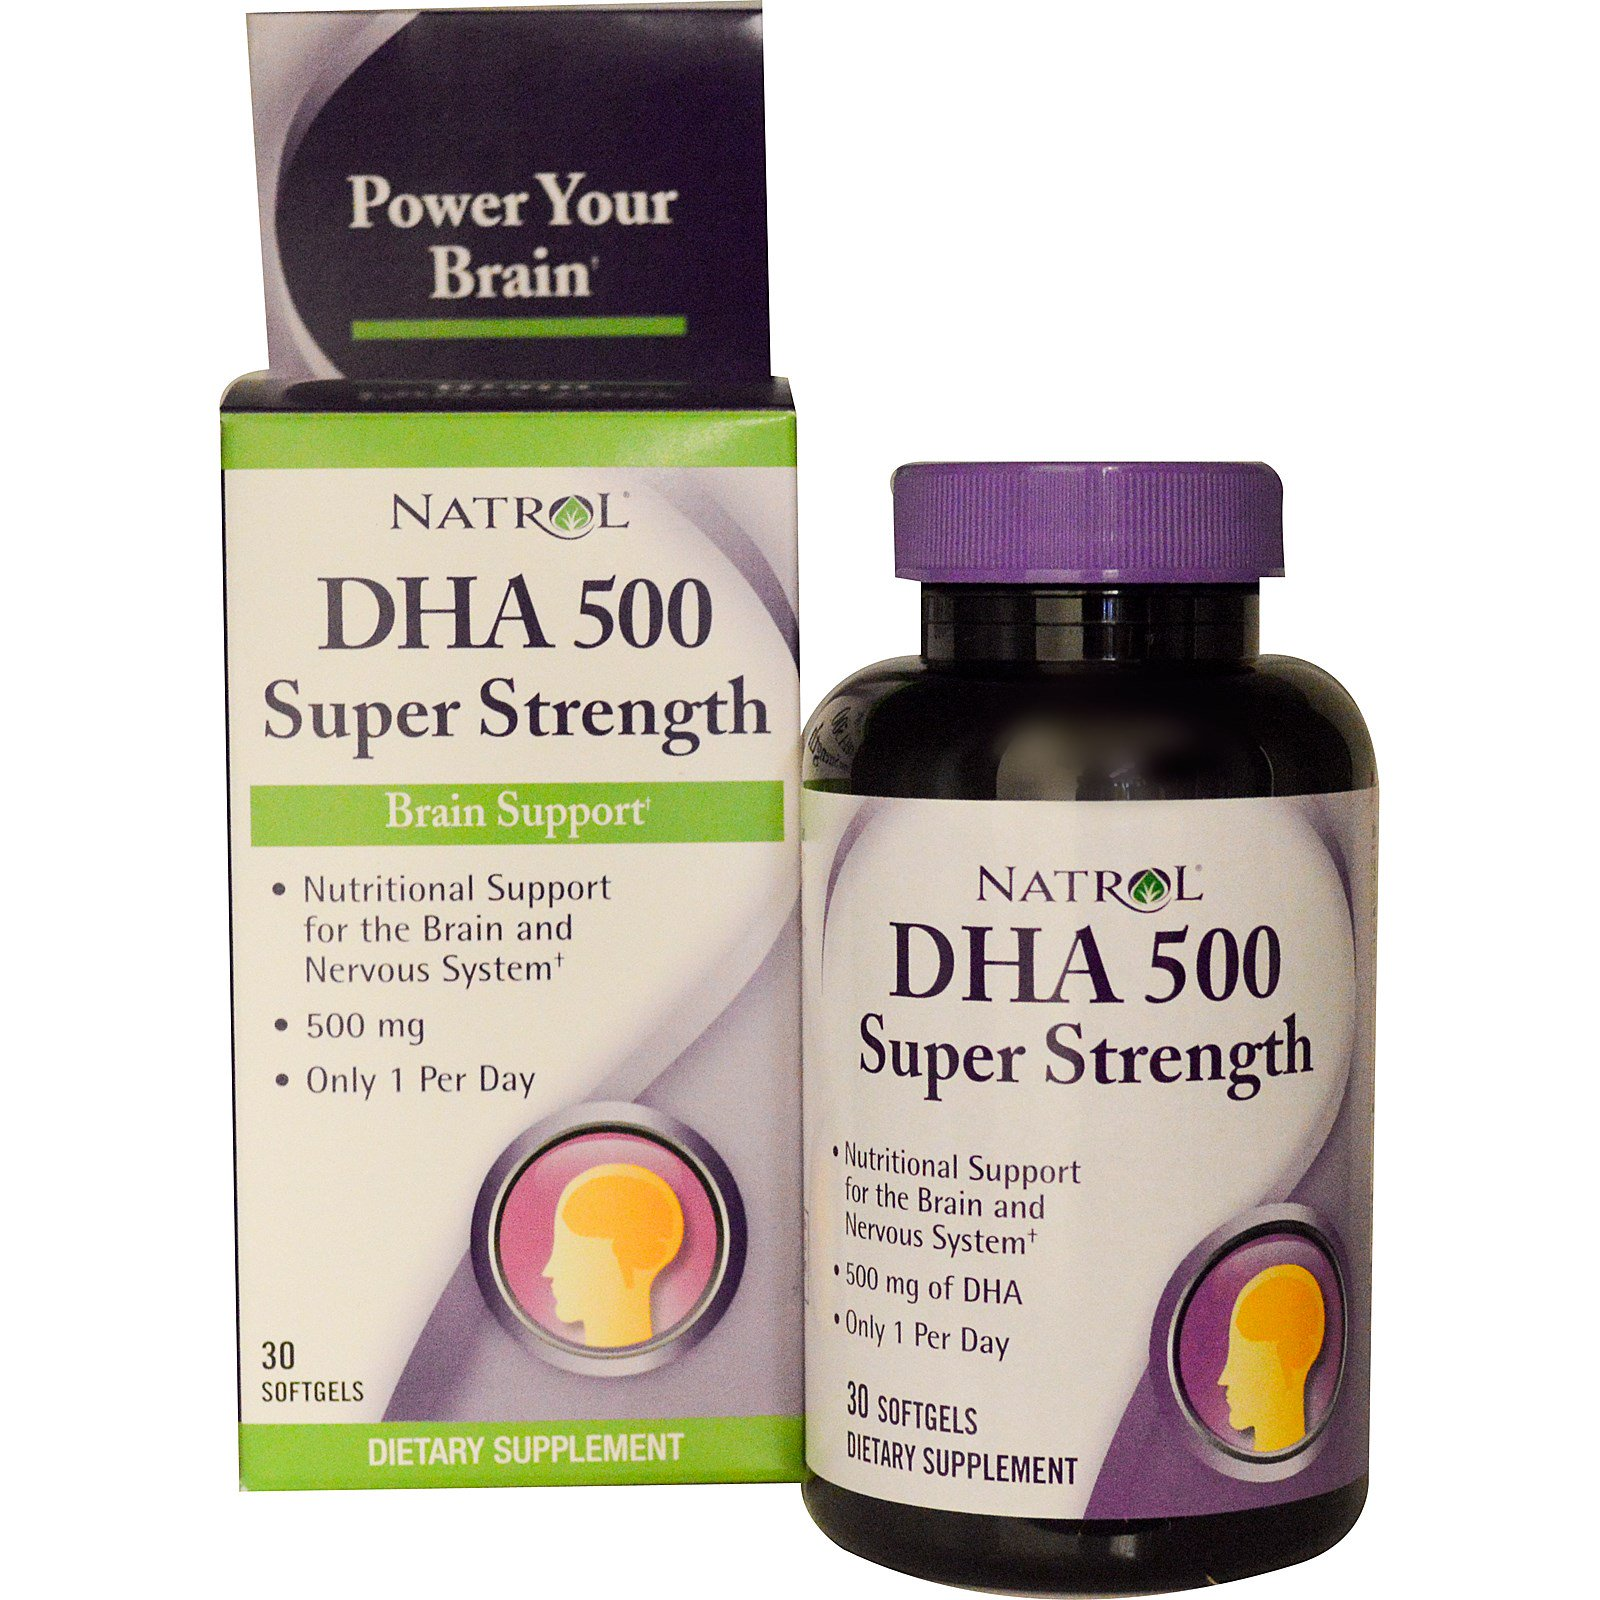 Natrol, ДГК 500, повышенная сила действия, поддержка мозга, 500 мг, 30 гелевых капсул